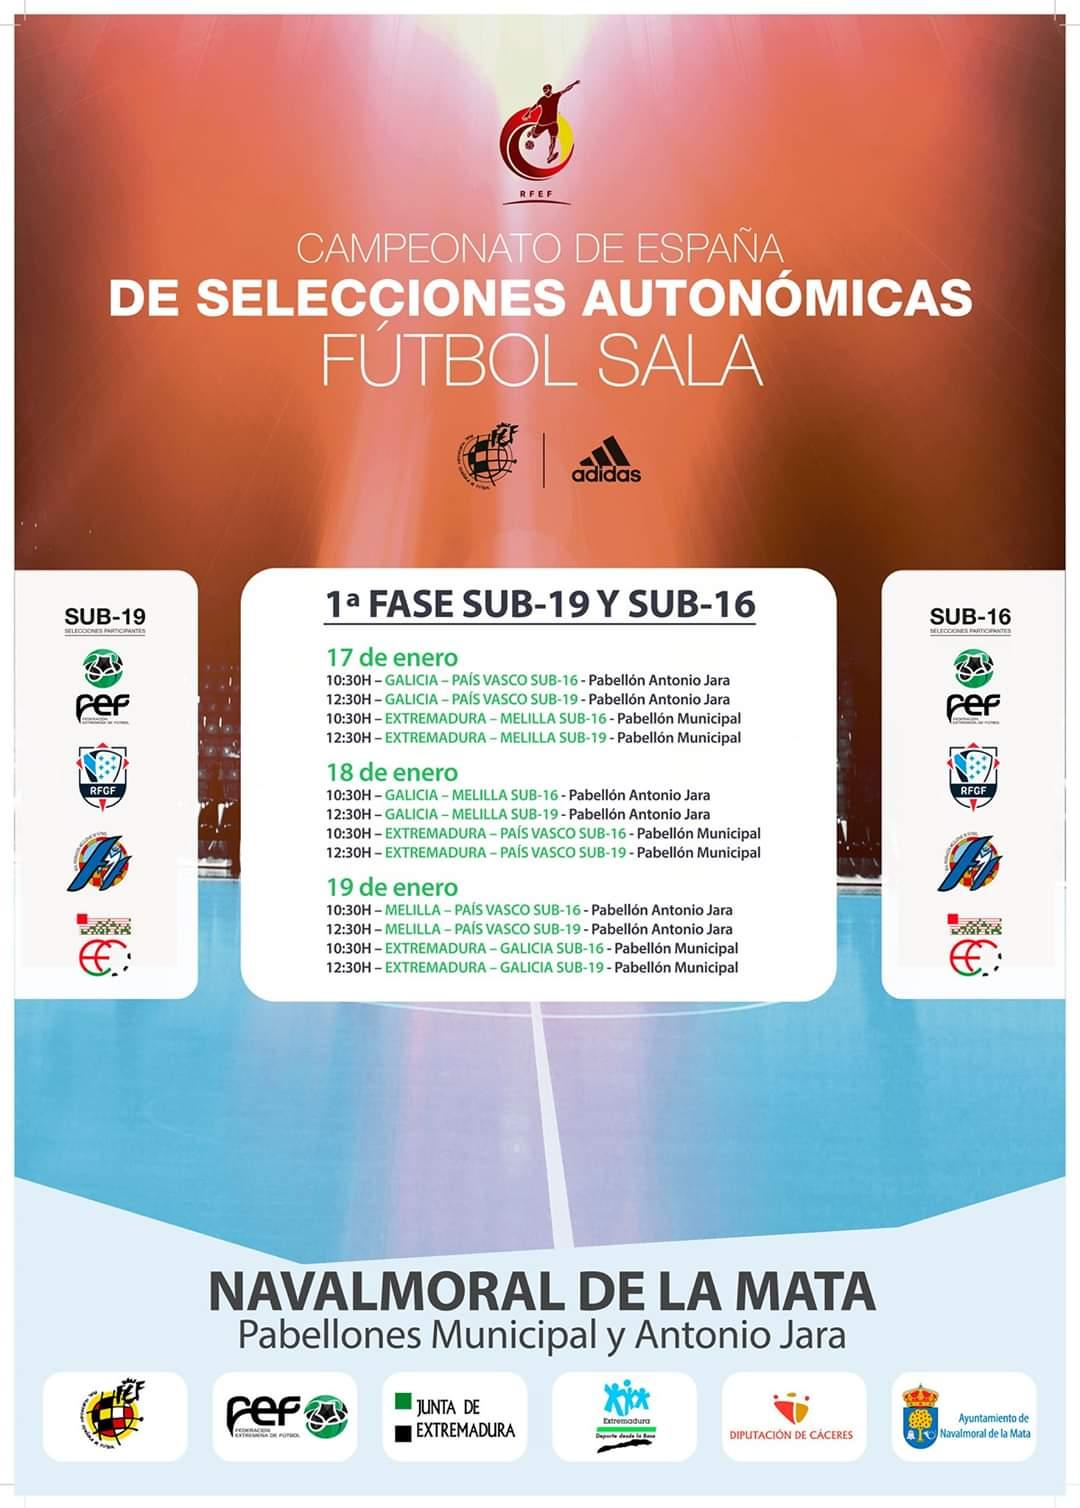 CAMPEONATO NACIONAL DE SELECCIONES AUTONÓMICAS DE FÚTBOL SALA